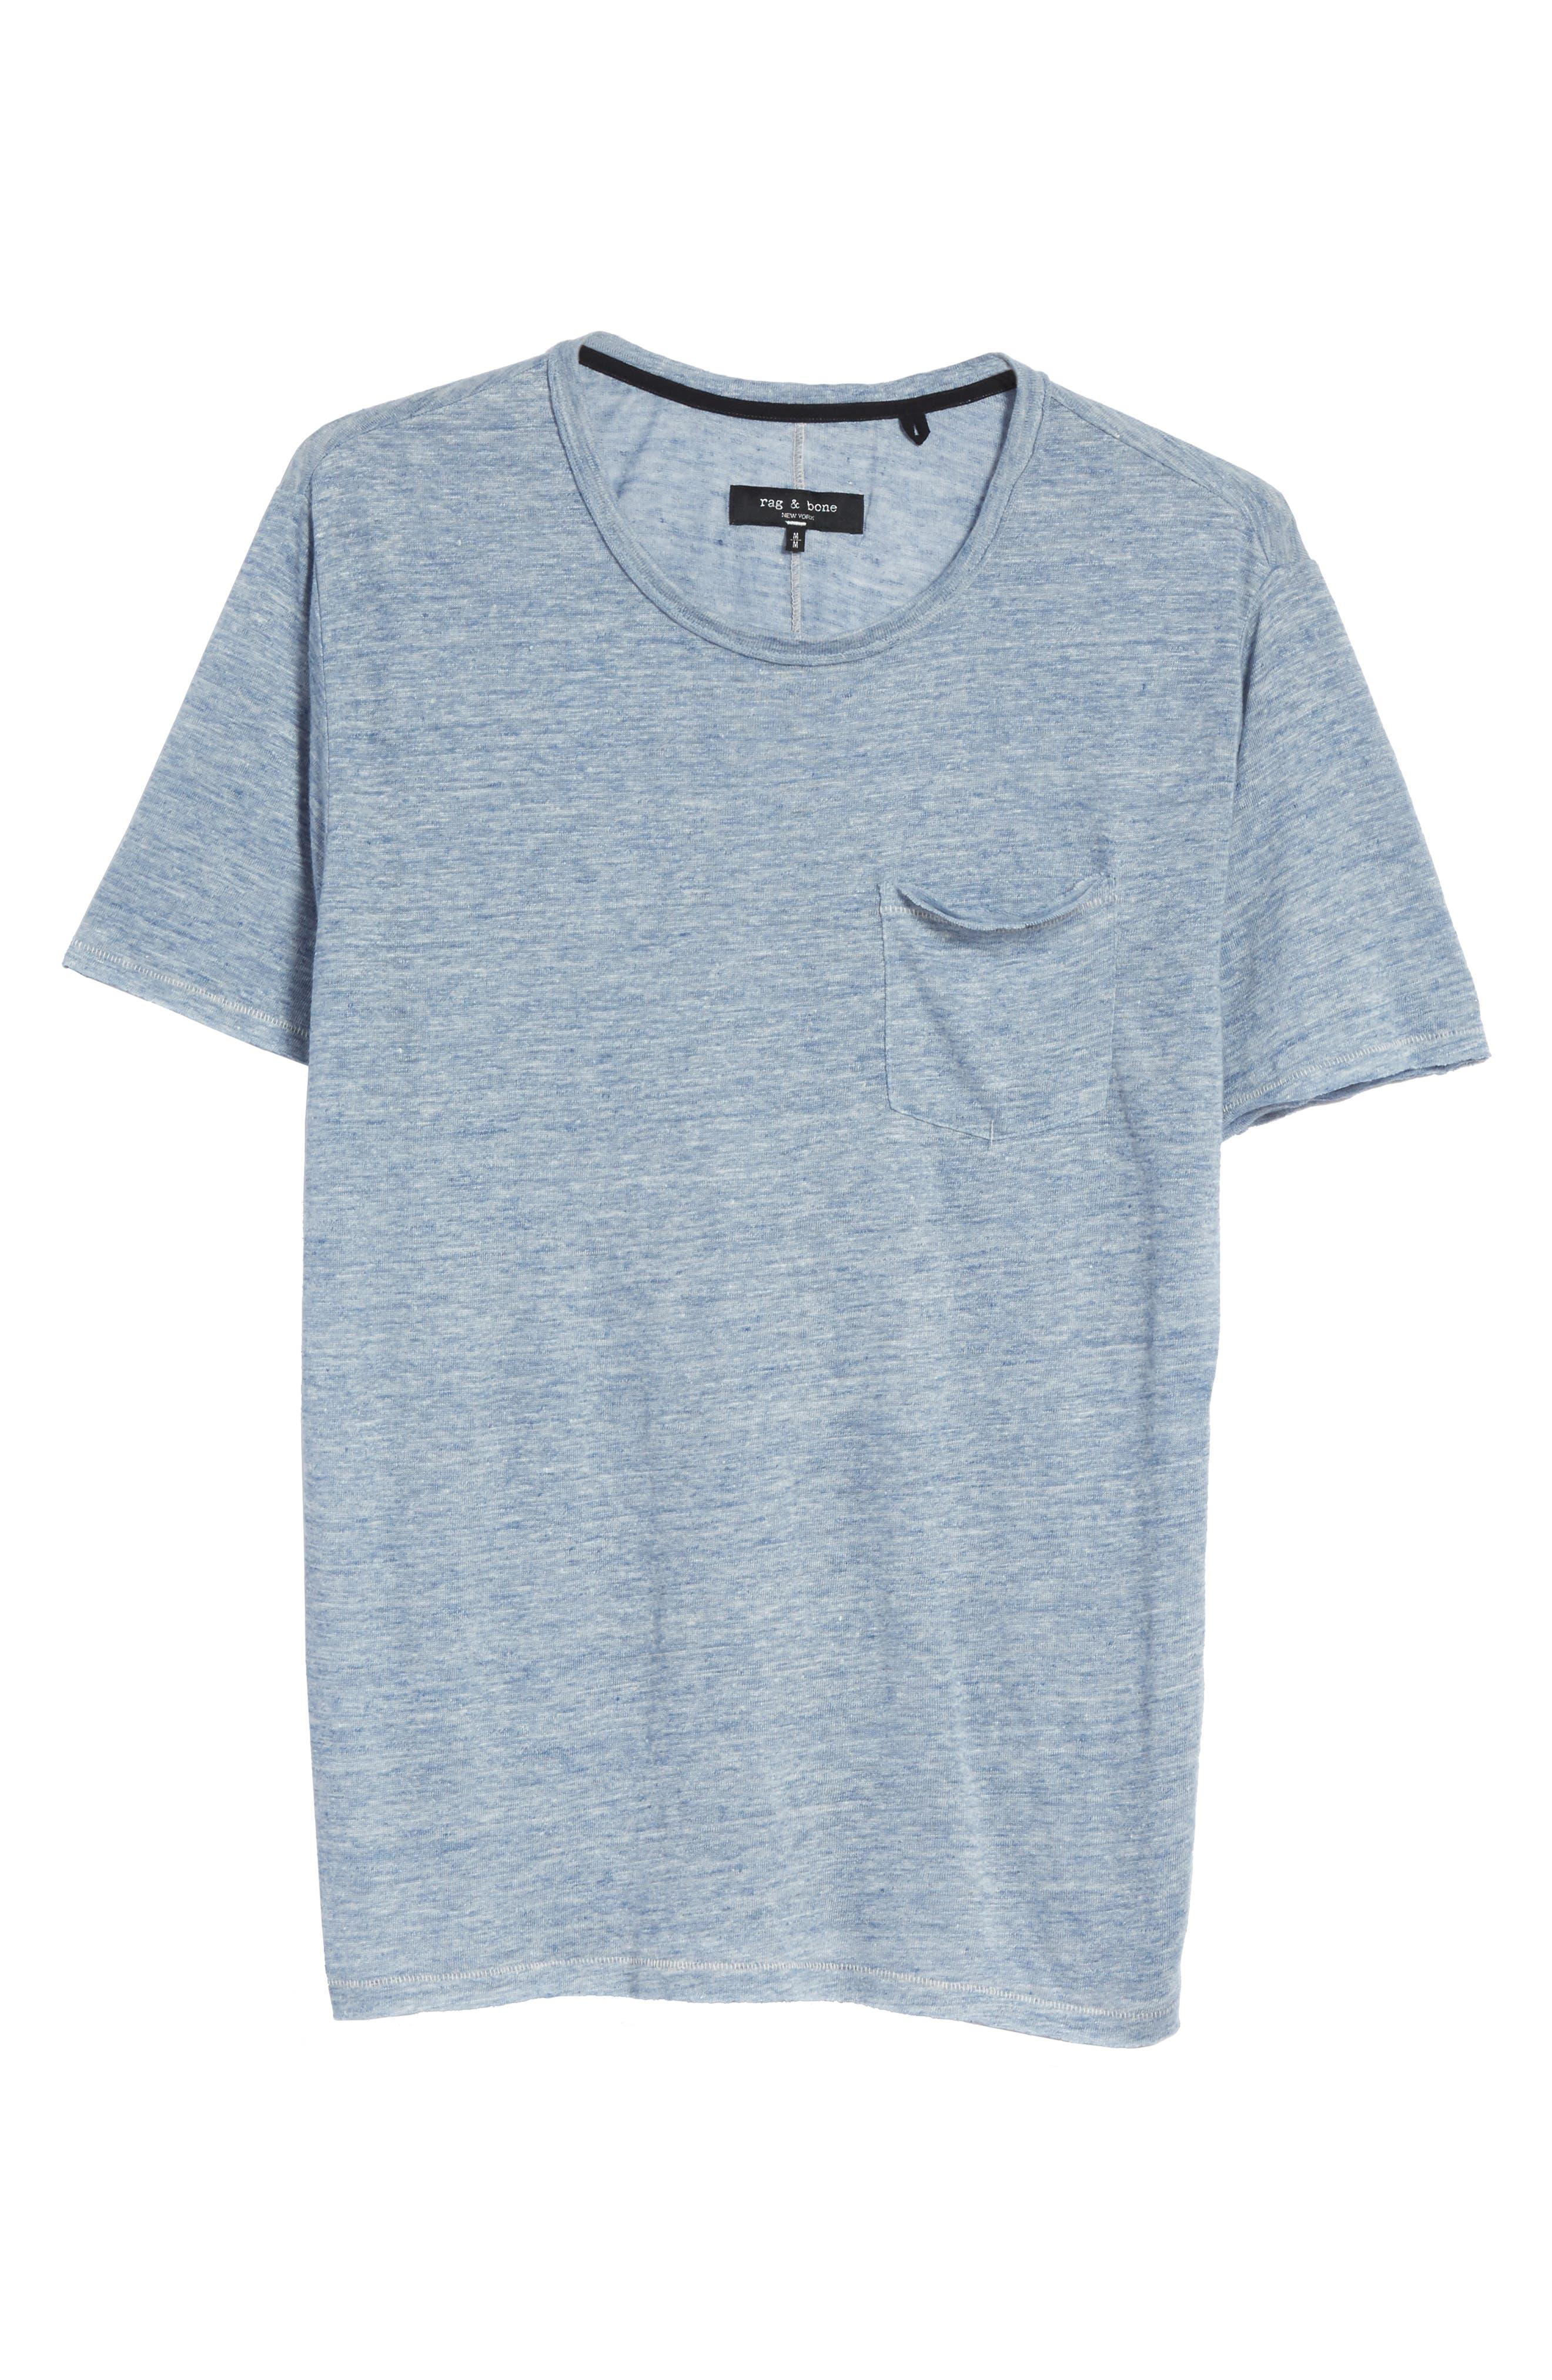 Owen T-Shirt,                             Alternate thumbnail 6, color,                             Blue